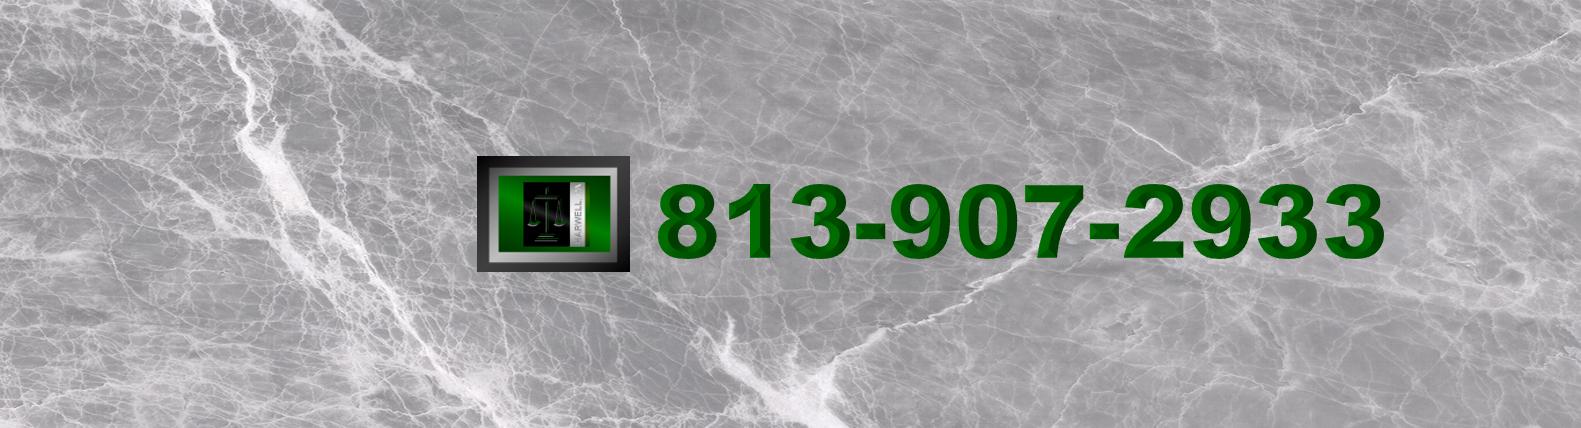 Debt Help - Call 813-907-2933